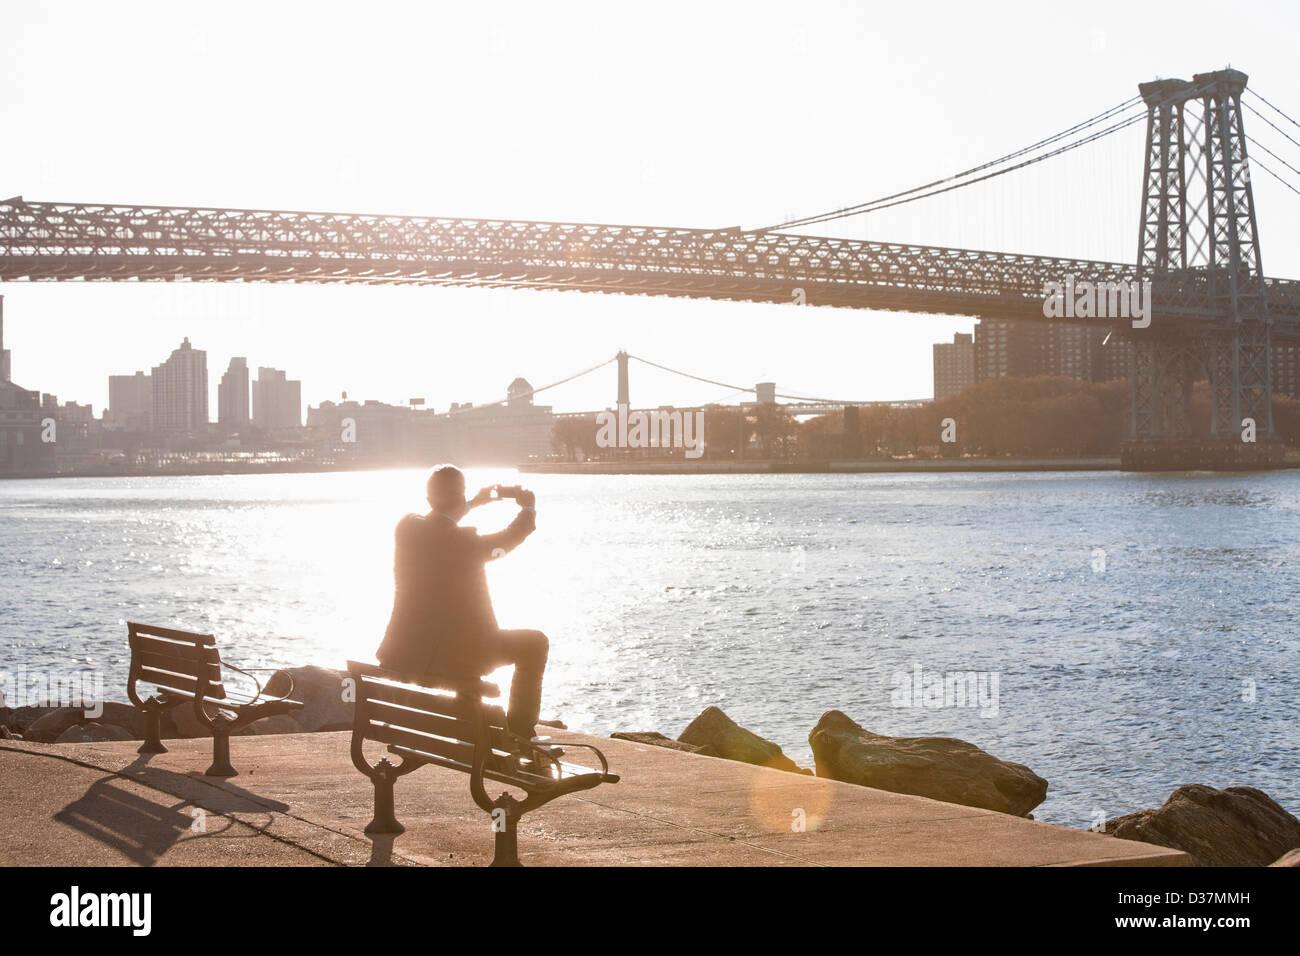 El hombre tomando fotos de puente urbano Imagen De Stock